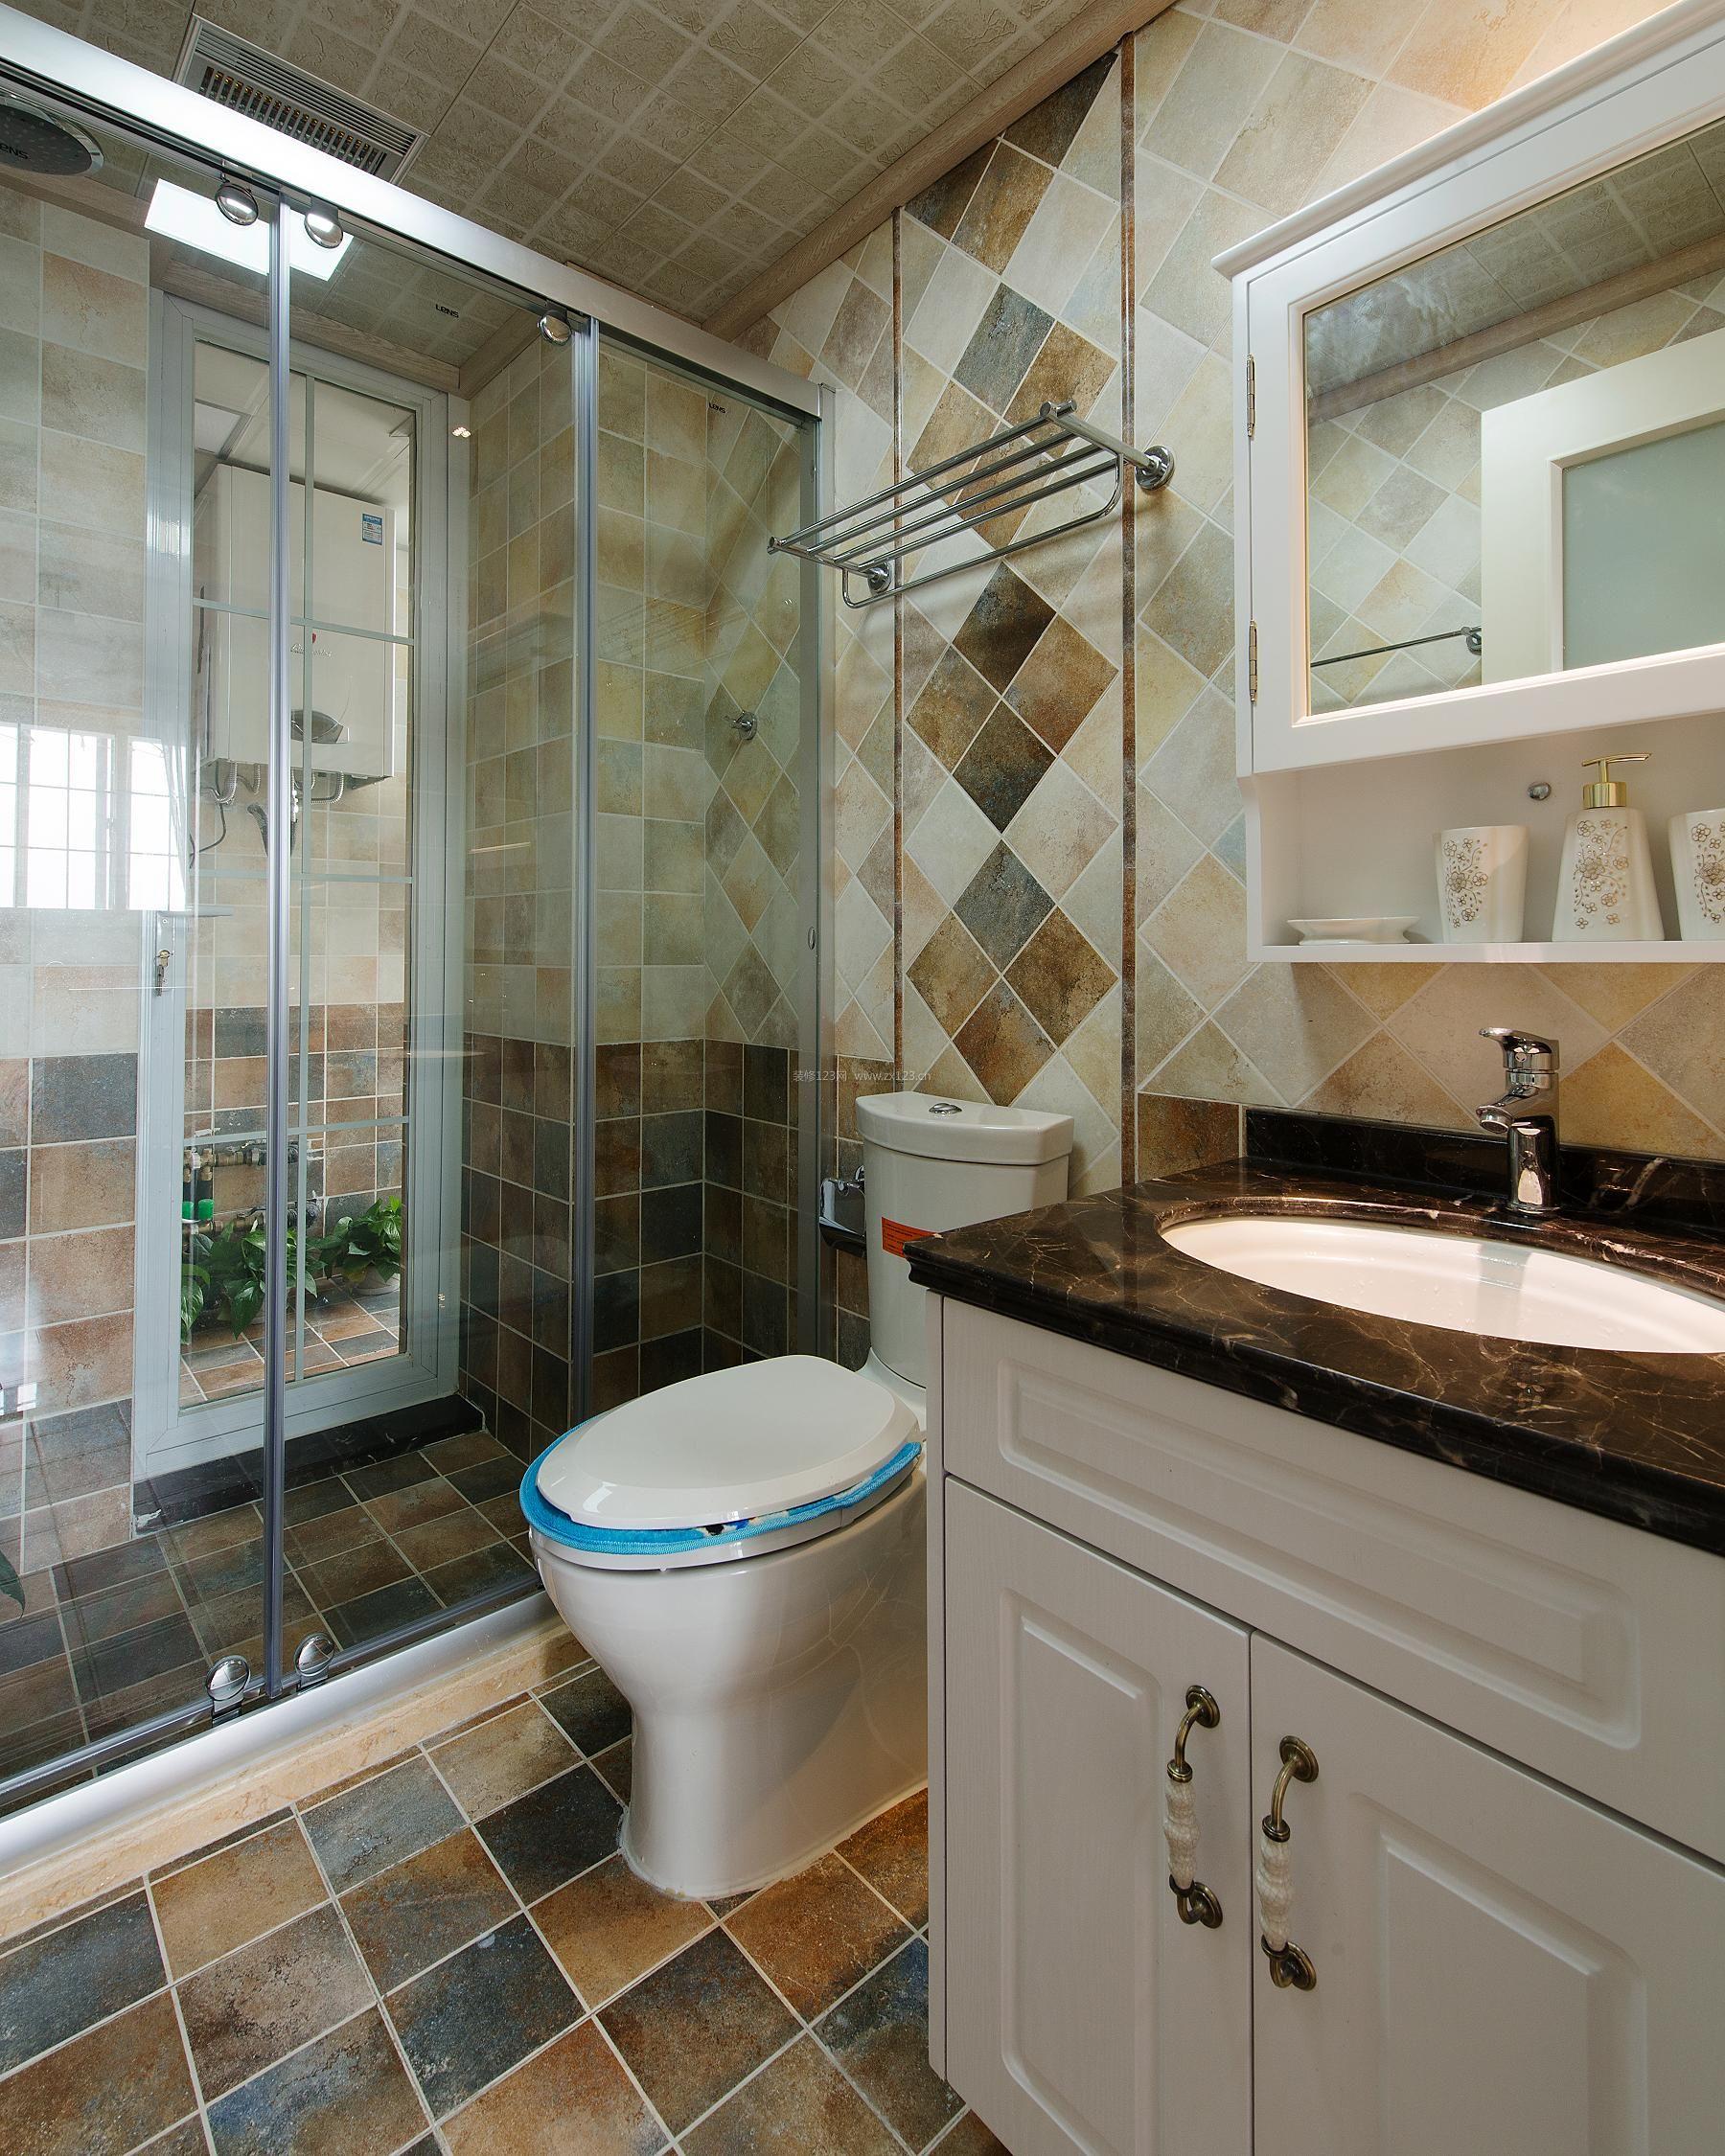 卫生间设计图片大全_卫生间设计效果图